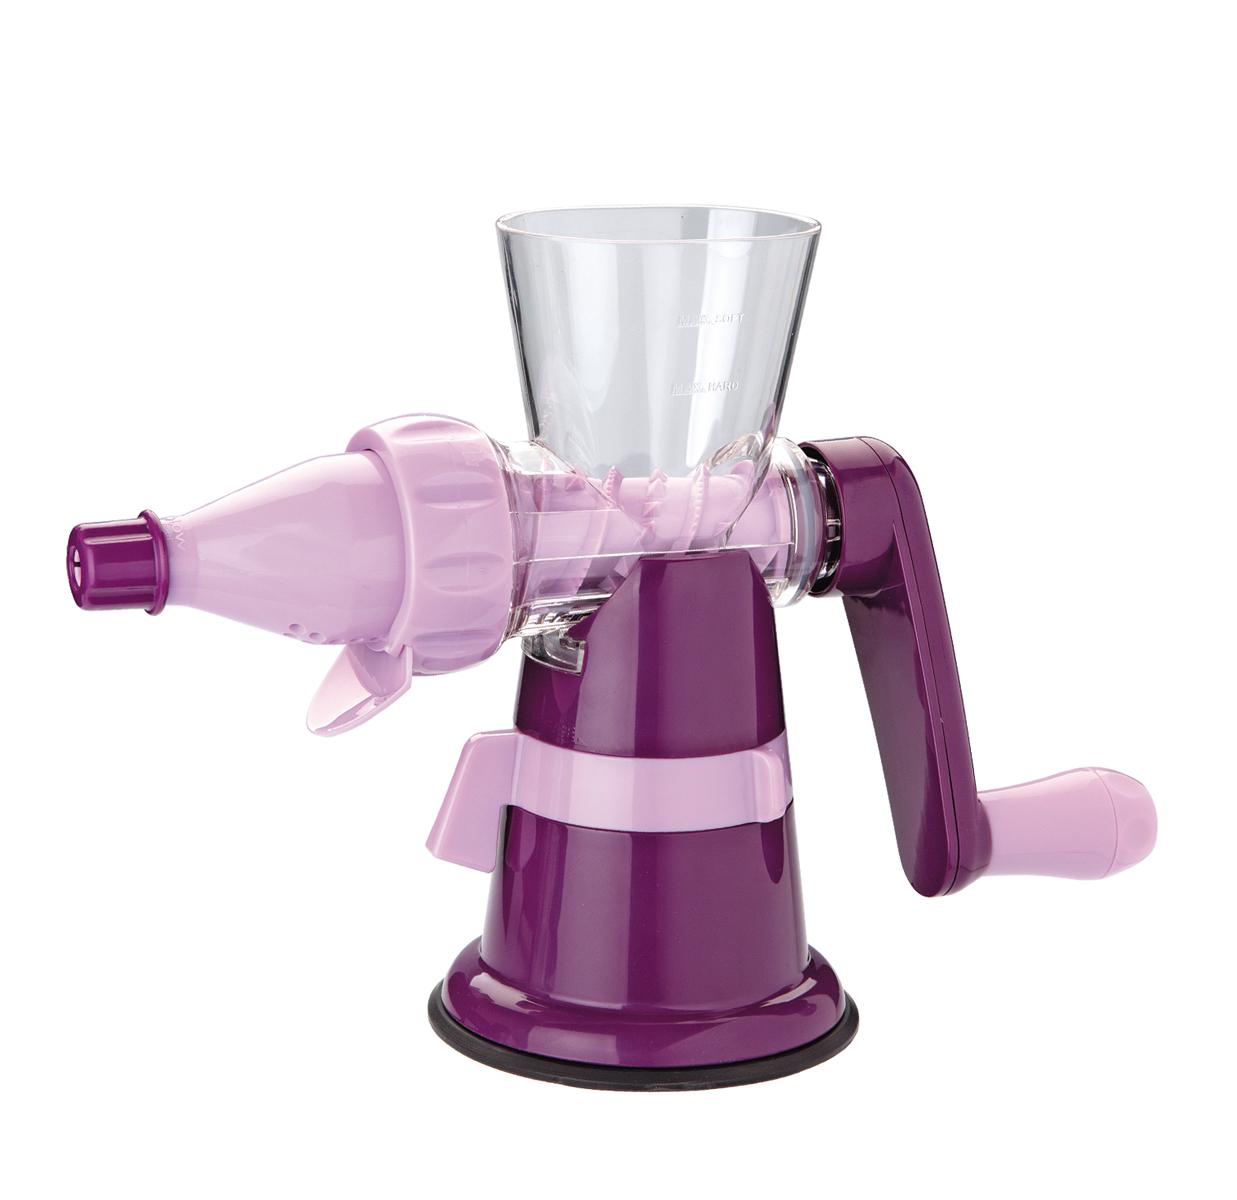 Соковыжималка шнековая Augustin Welz, цвет: фиолетовый3525 weisСоковыжималка надежно фиксируется на столе с помощью вакуумного основания. Конструкция бурава обеспечивает максимальную отдачу сока, обогащенного витаминами и минералами, без окисления, мякоти и косточек. Идально подходит для выжимки граната!